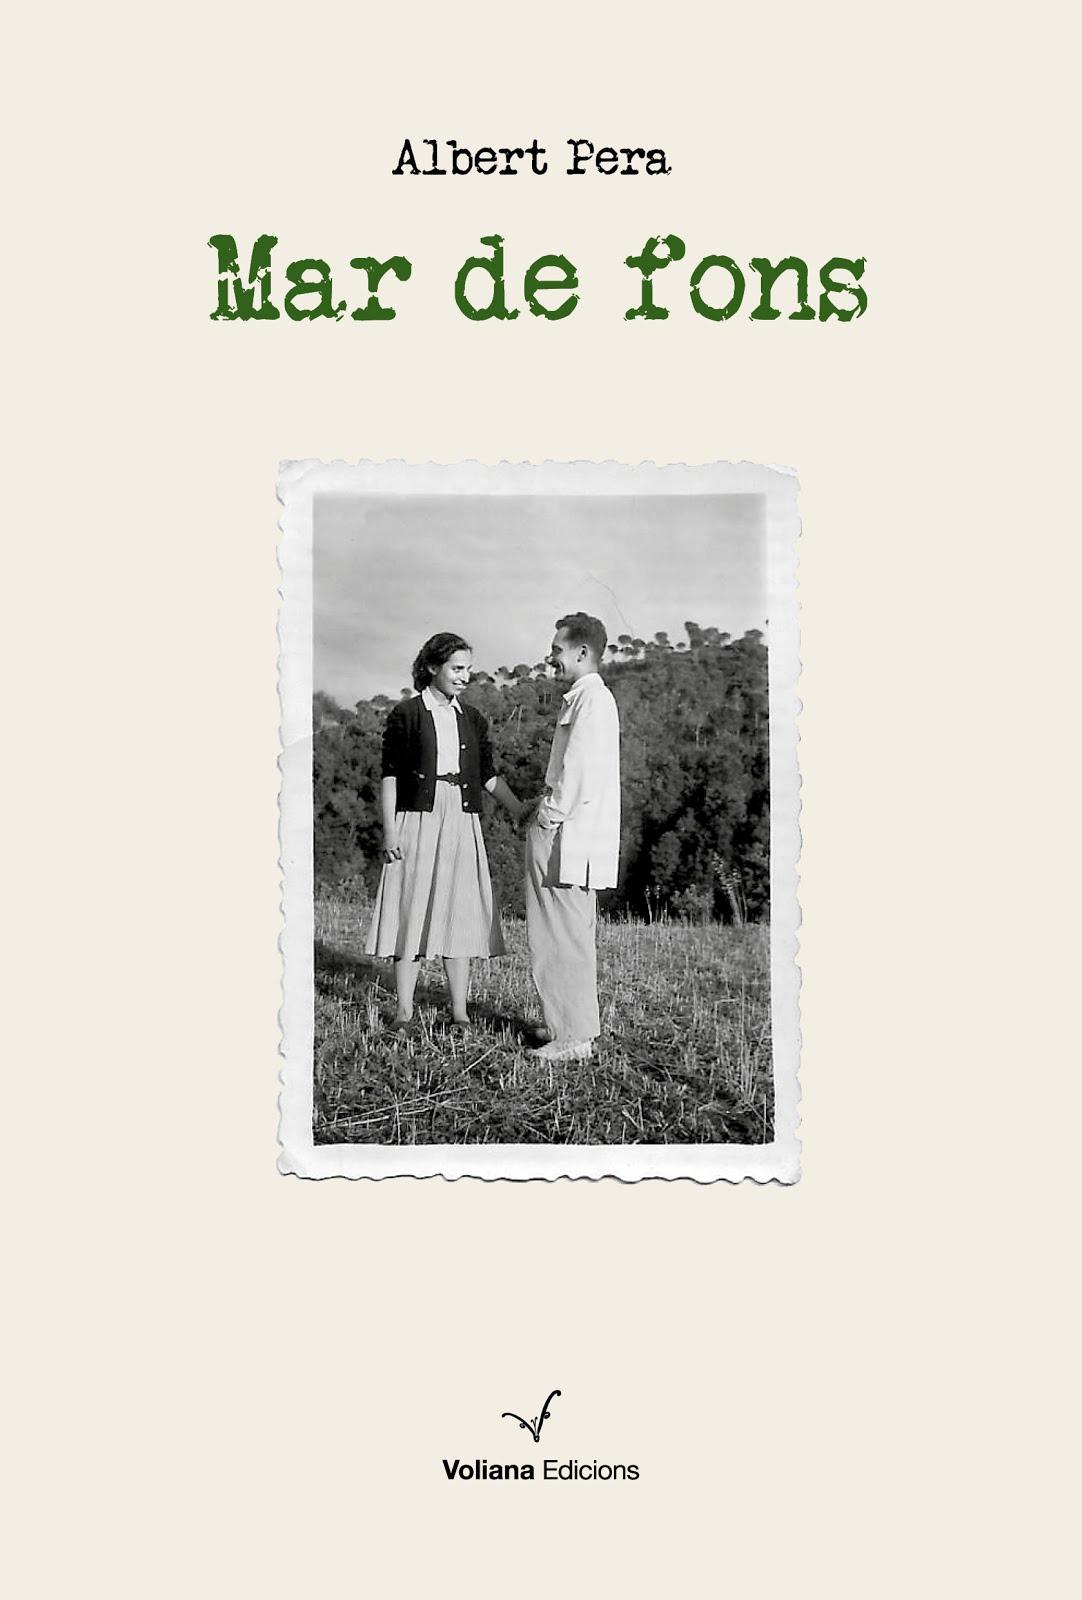 MAR DE FONS